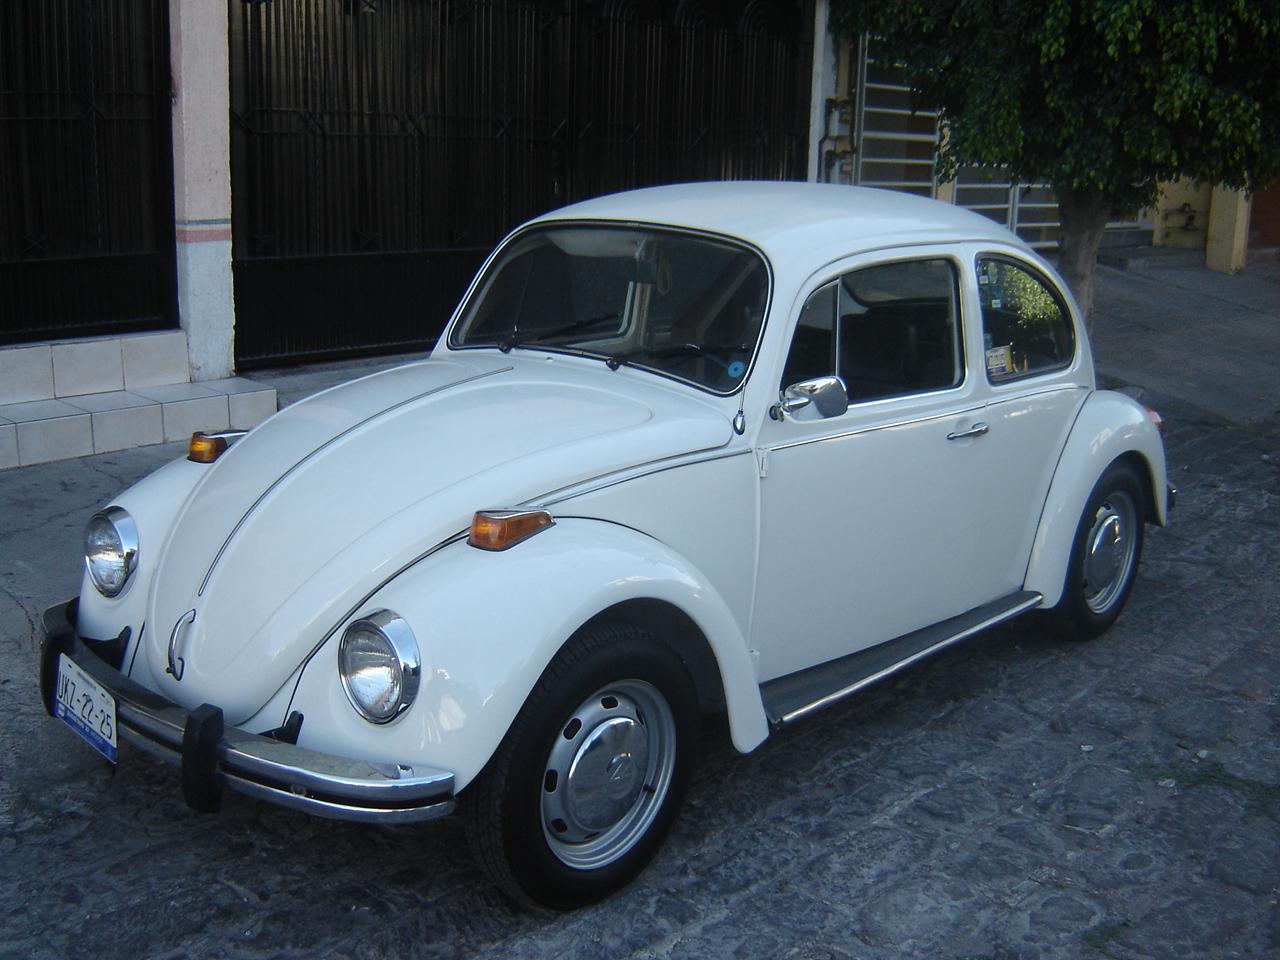 1974 Volkswagen Beetle picture, exterior